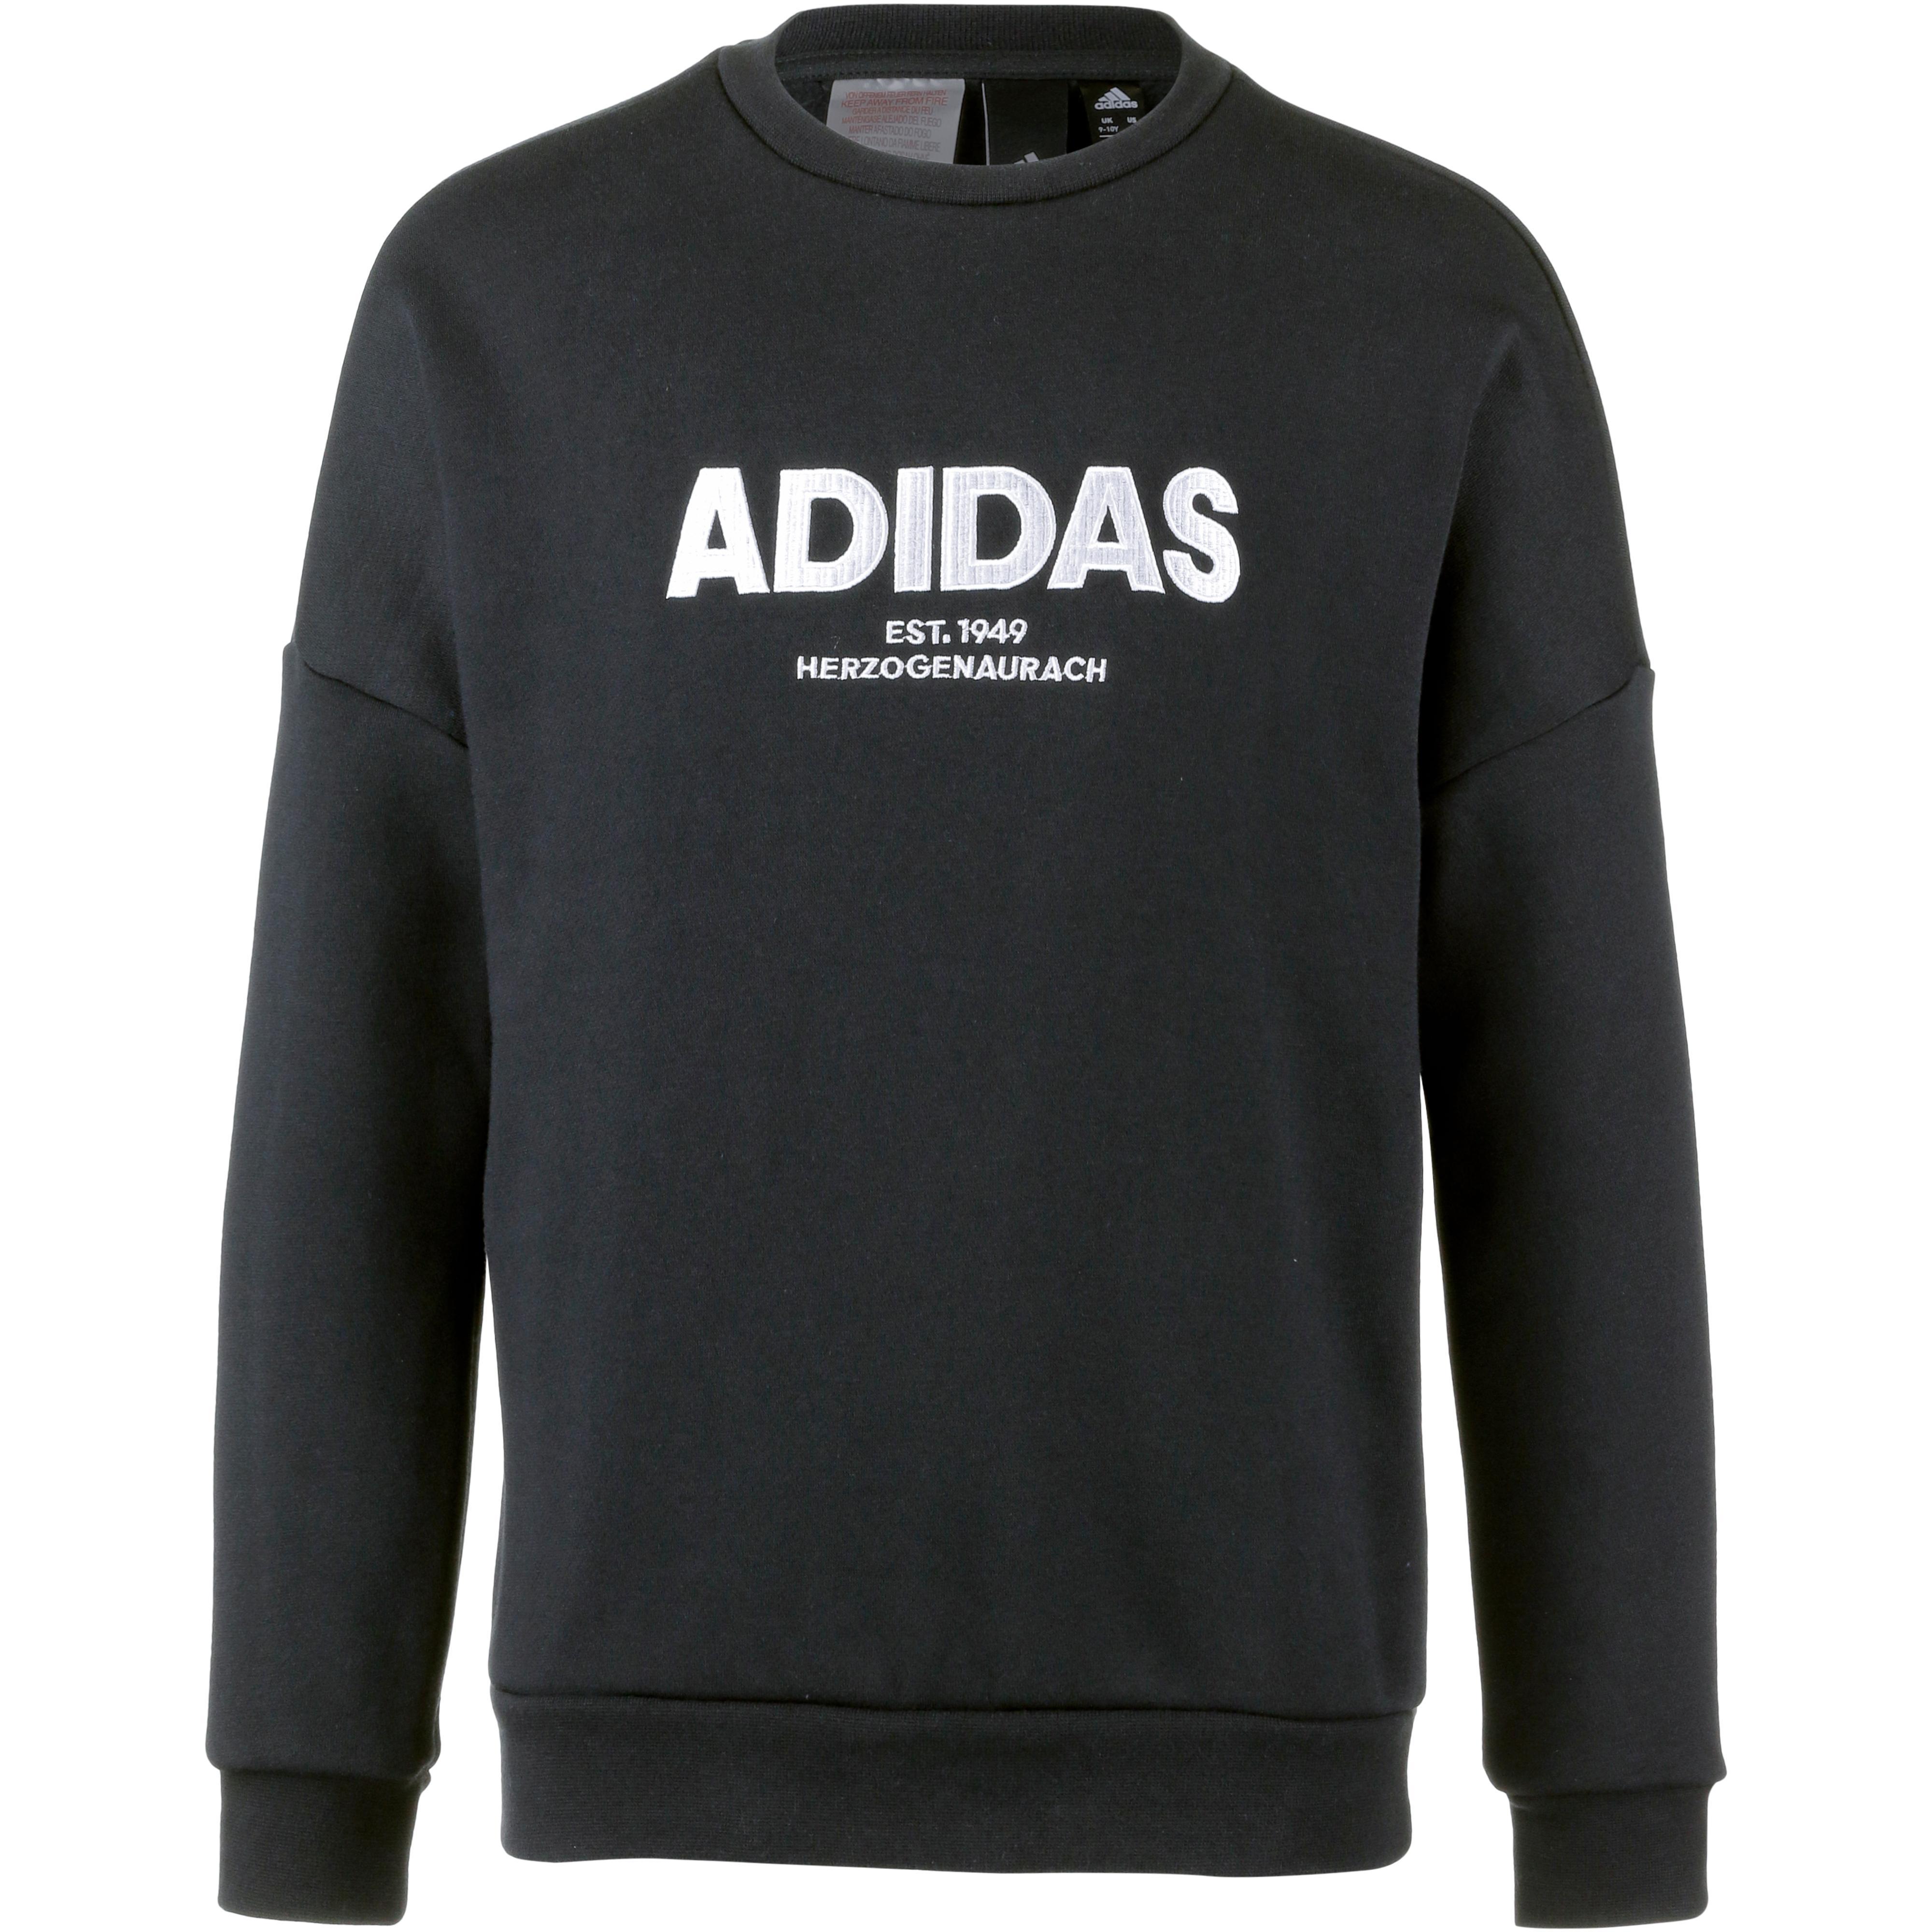 adidas Sweatshirt Jungen black im Online Shop von SportScheck kaufen